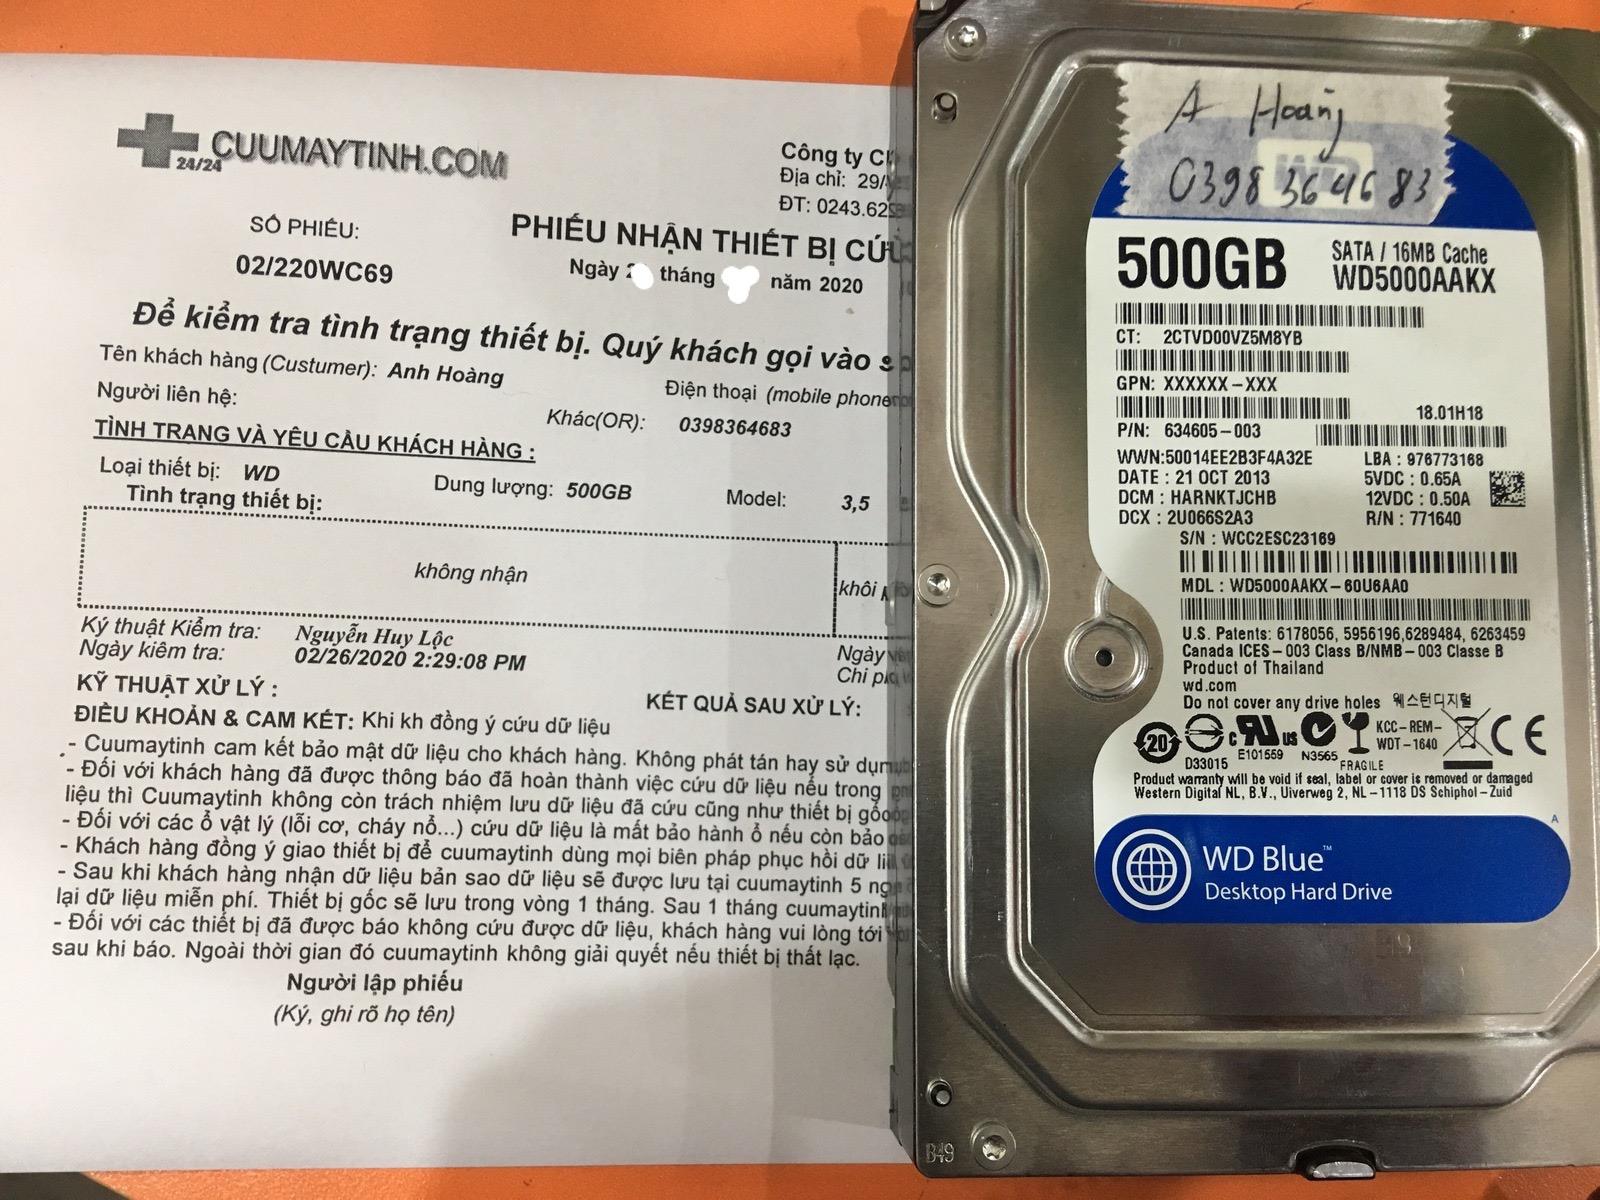 Lấy dữ liệu ổ cứng Western 500GB không nhận 05/03/2020 - cuumaytinh